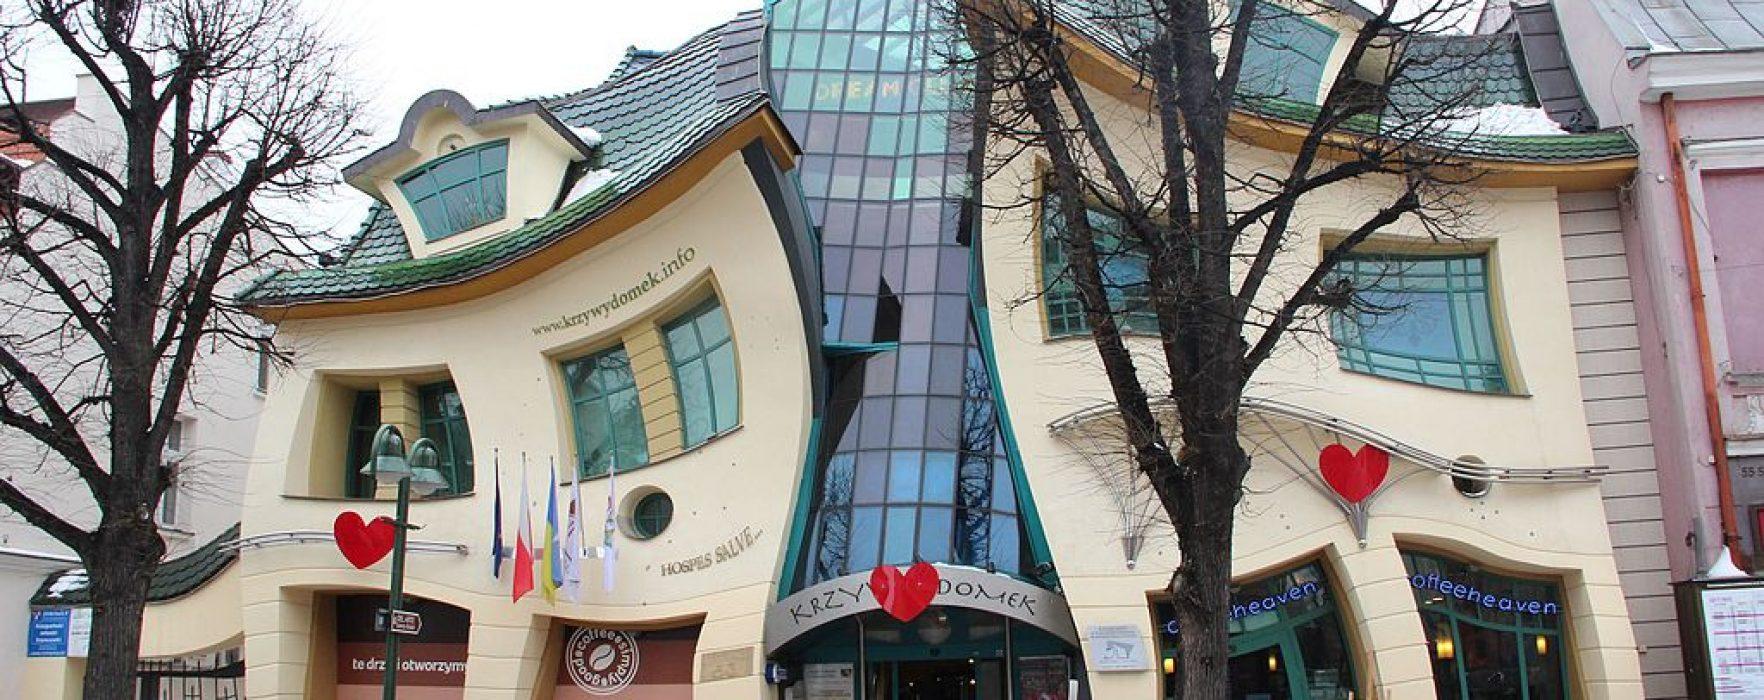 Vivir en una casa de 'plastilina': así es la Krzywy Domek que parece fundirse en Polonia